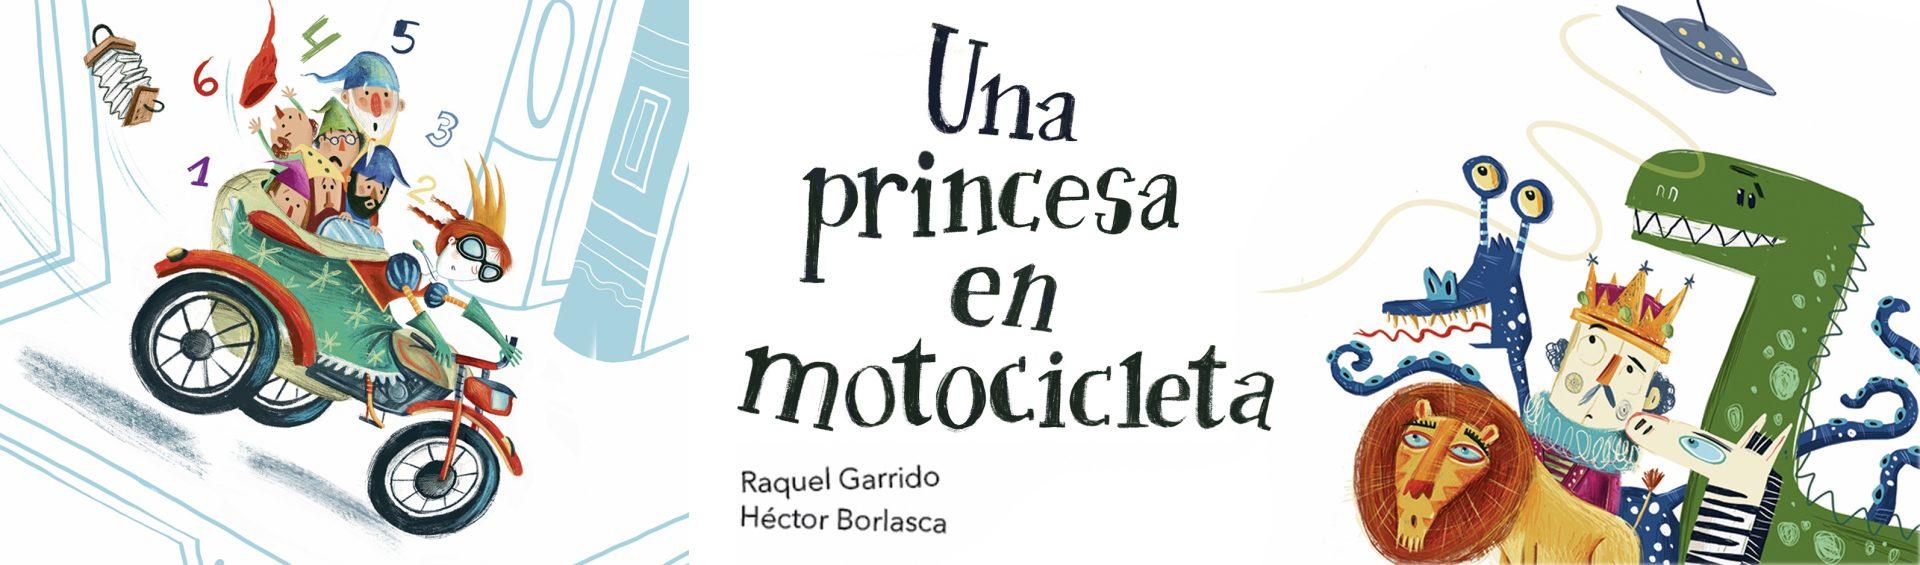 UNA PRINCESA EN MOTOCICLETA